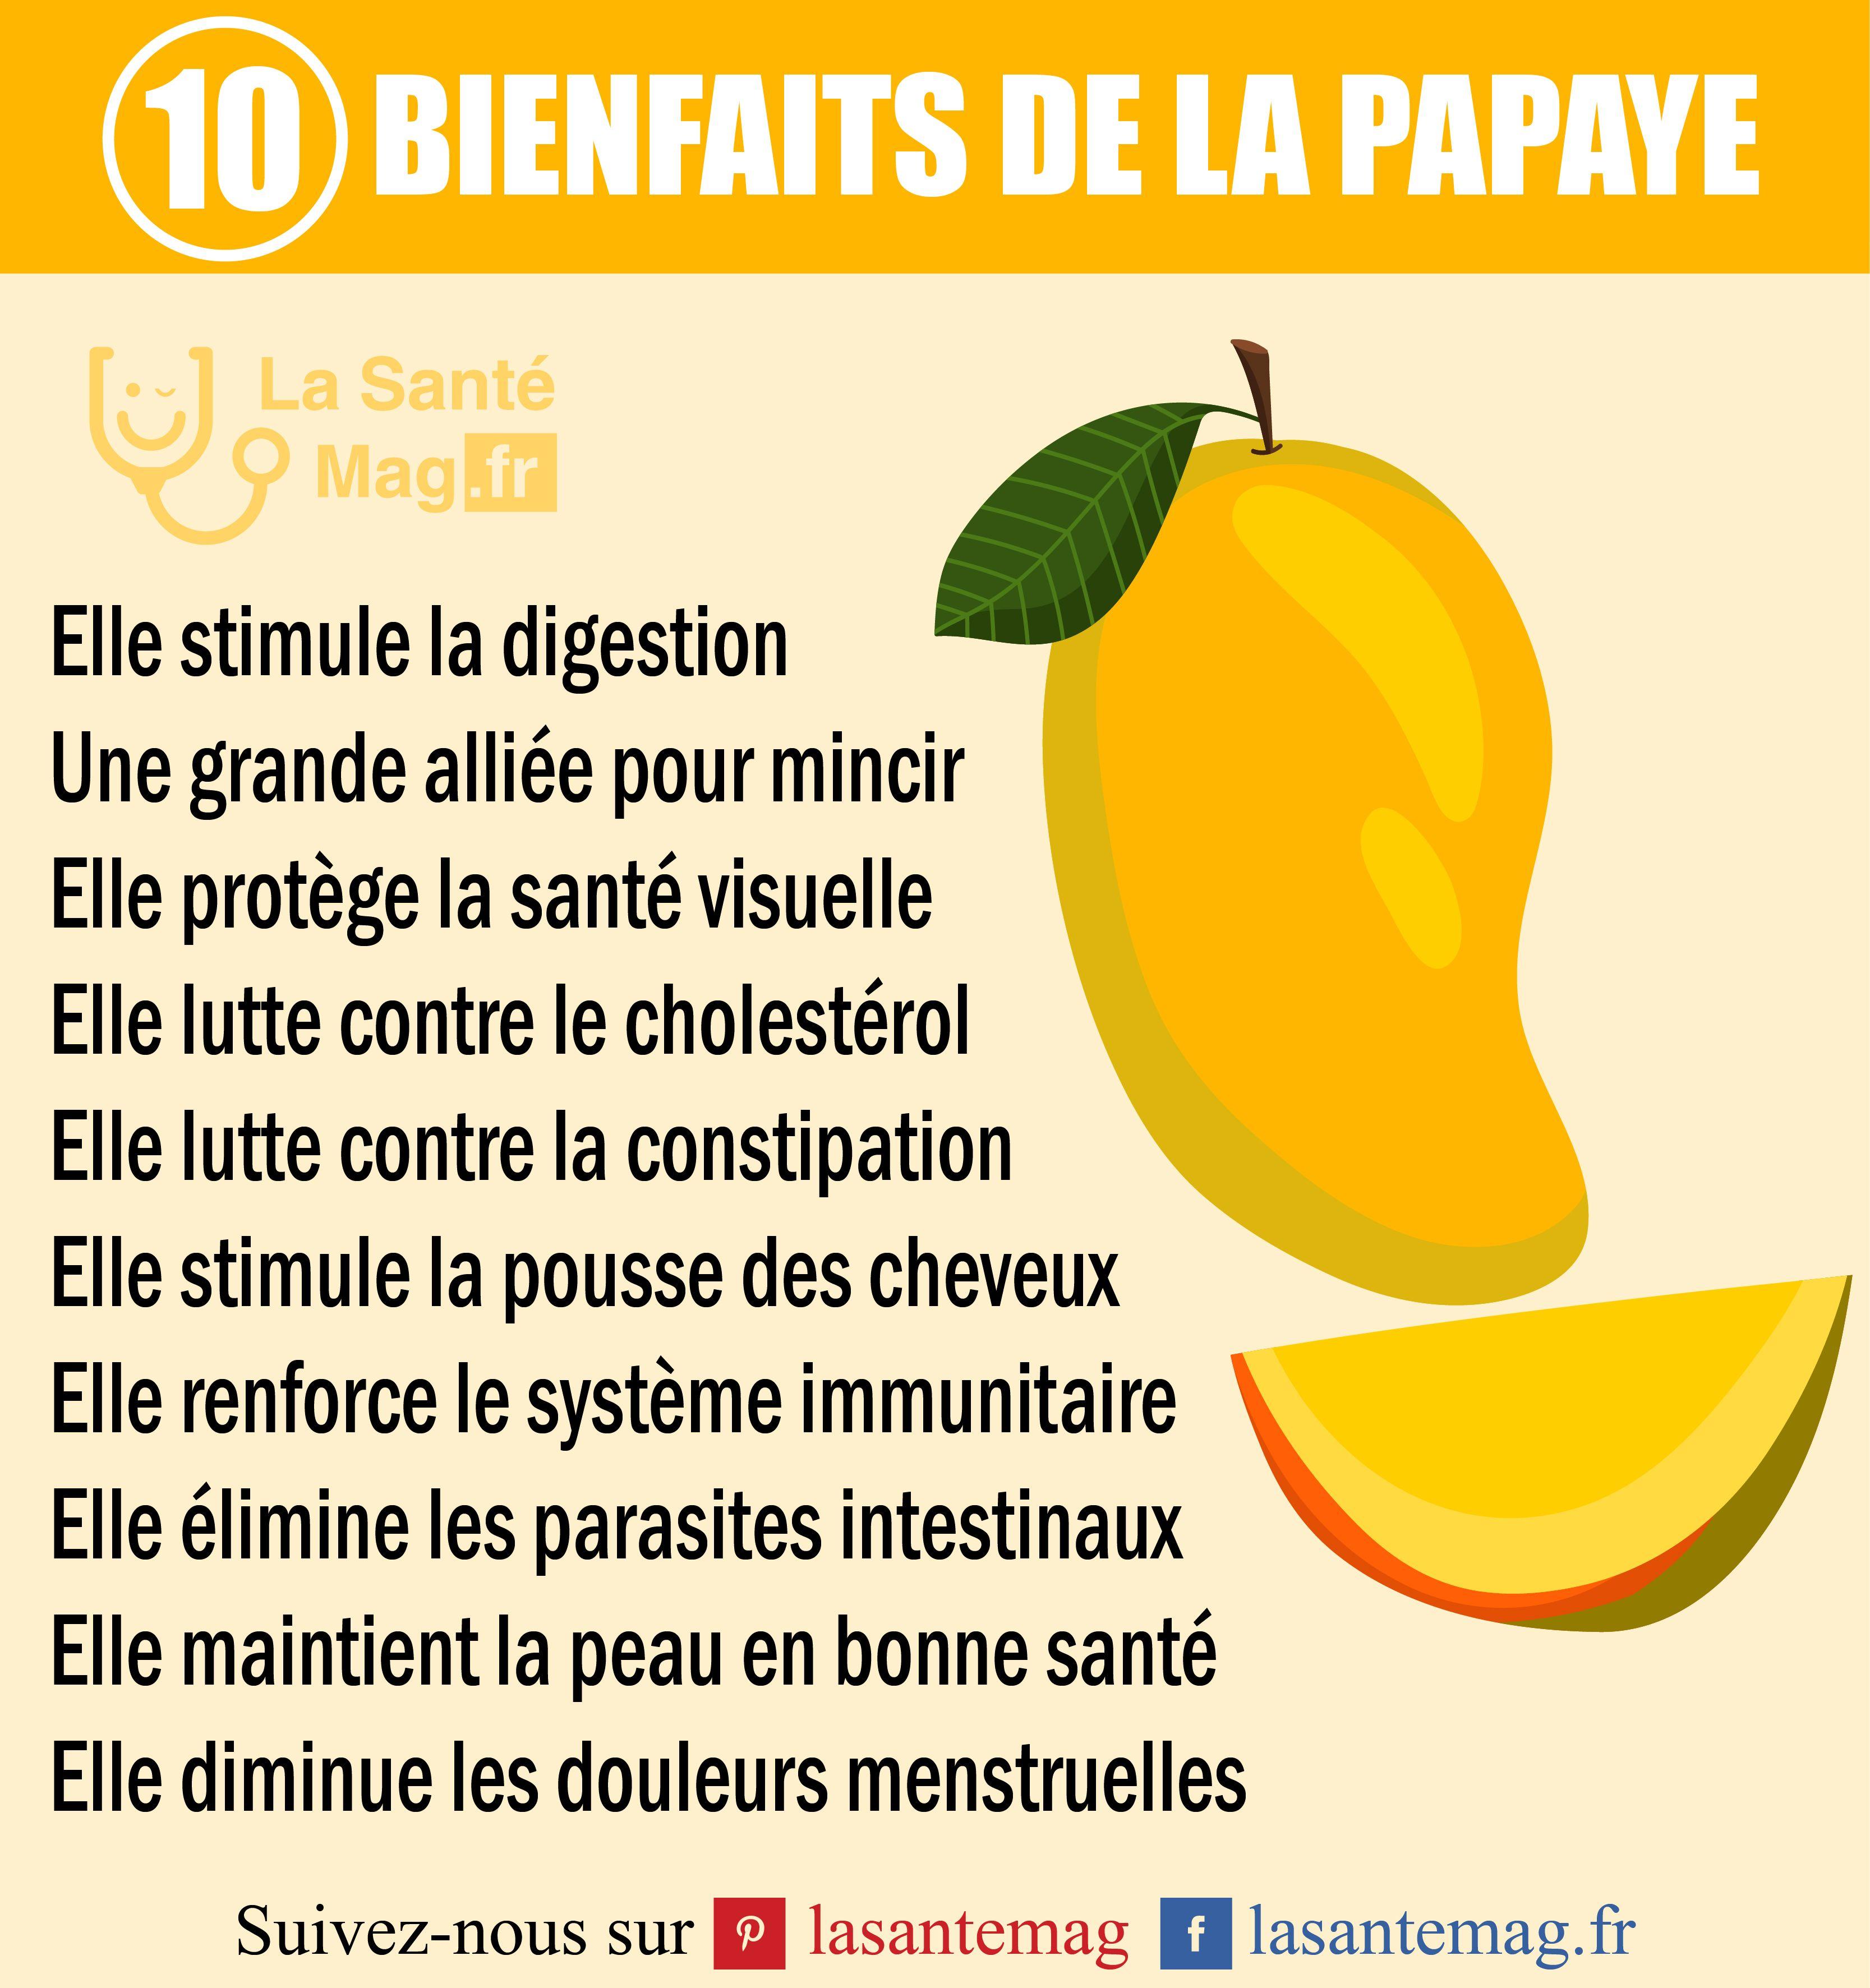 les bienfaits de la papaye nutrition pinterest papaye sant nutrition et nutrition. Black Bedroom Furniture Sets. Home Design Ideas